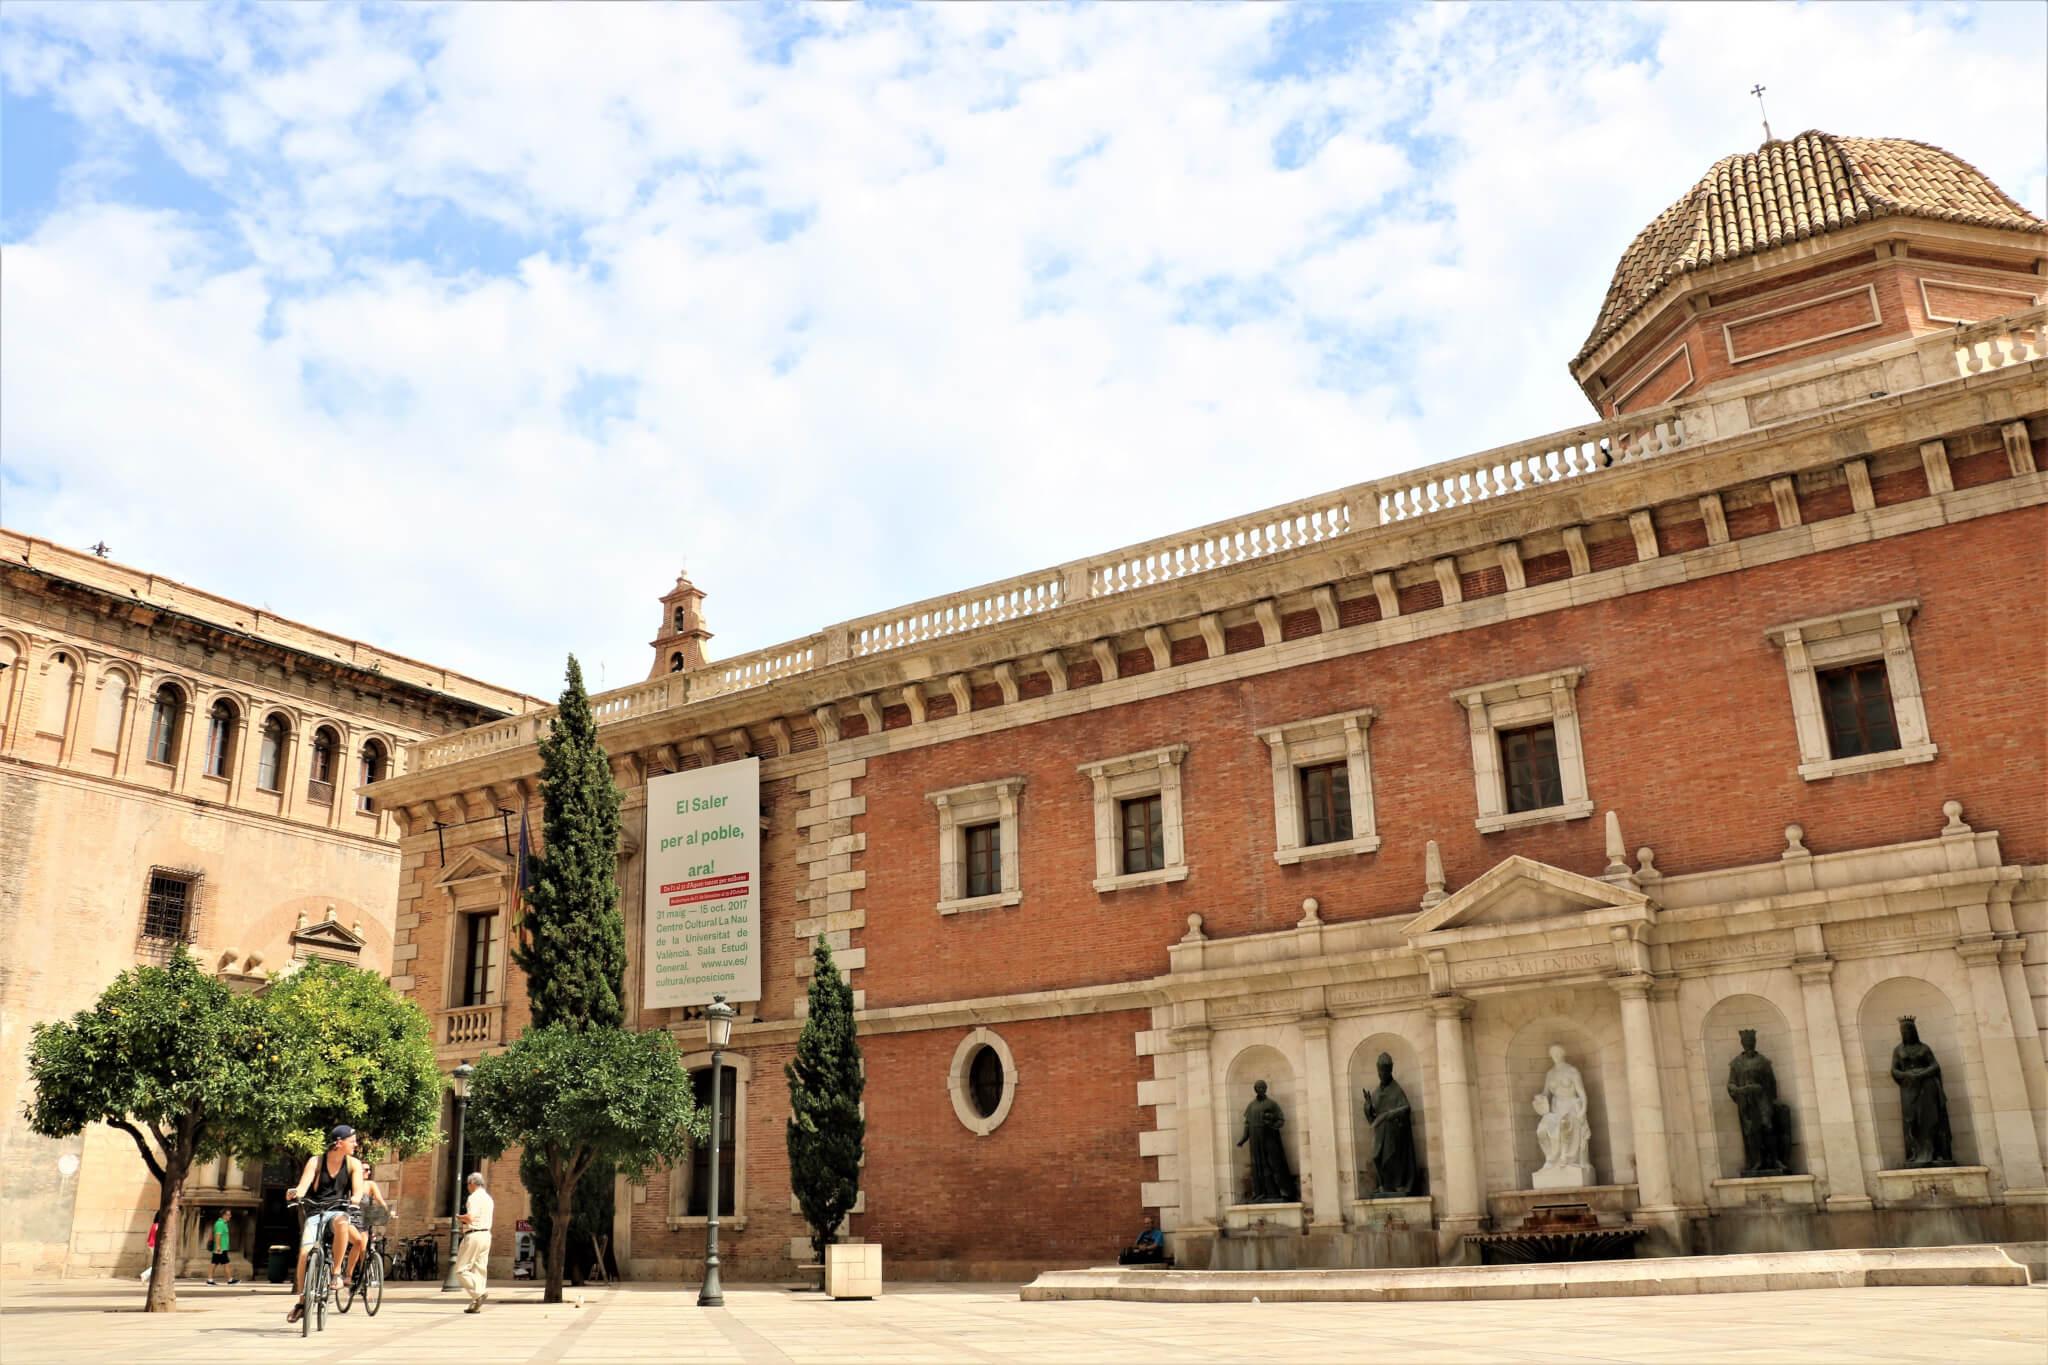 plaza-del-patriarca